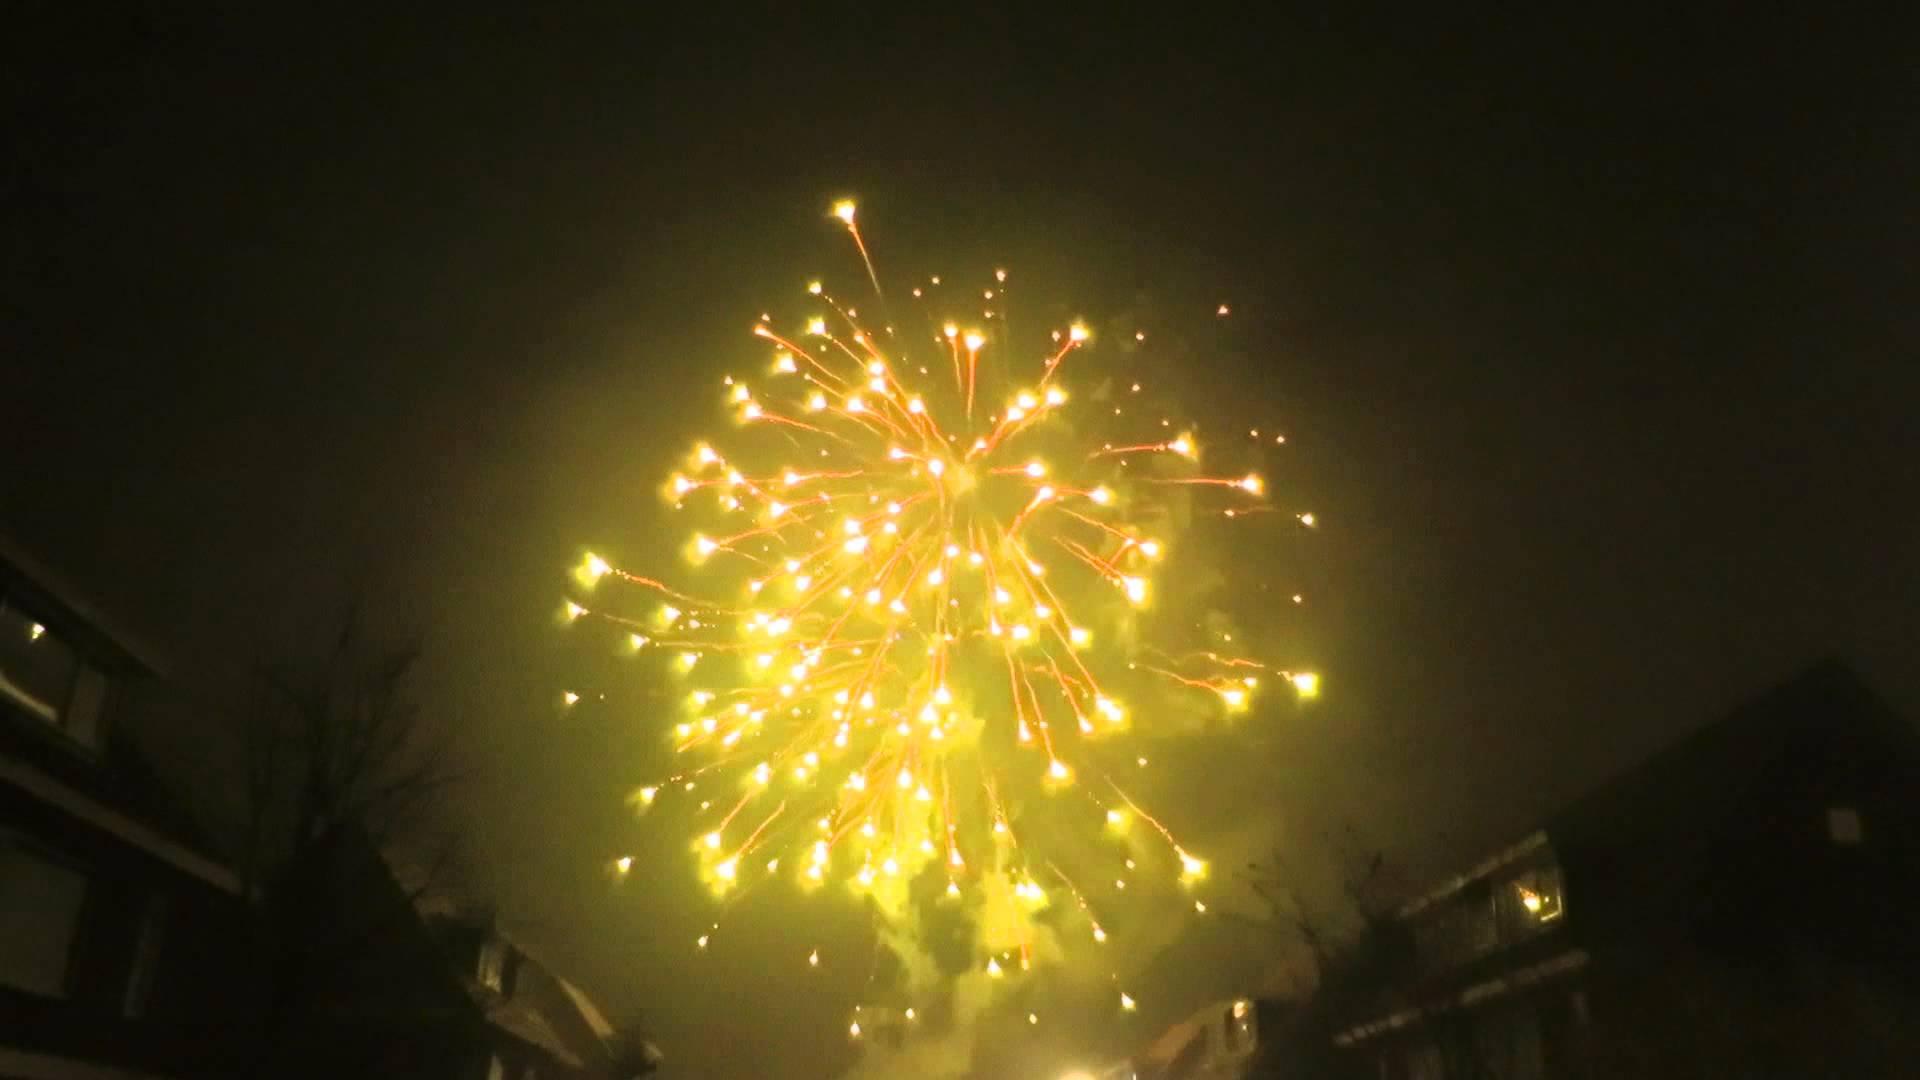 Vuurwerk Oud en Nieuw 2014 2015 in Groningen 5